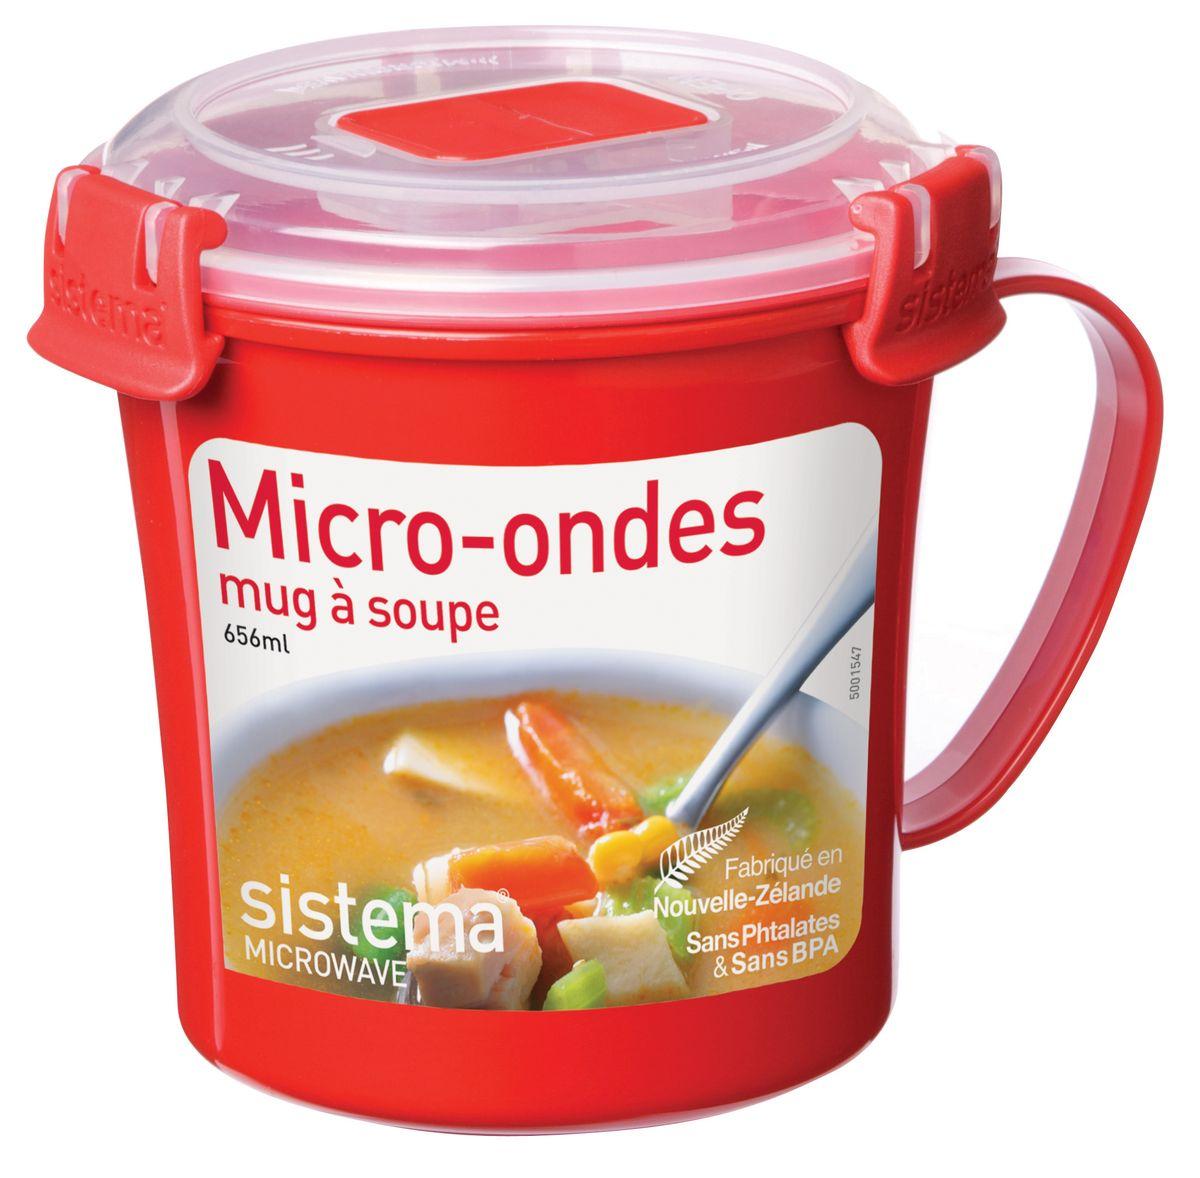 Кружка суповая Sistema Microwave, 656 мл21395599Кружка суповая Sistema Microwave создана для людей, ведущих активный образ жизни. Кружка с надежной защитой от протечек позволит взять с собой горячий суп на пикник, в офис или в поездку. На крышке имеется силиконовая прокладка, которая способствует герметичному закрыванию. Контейнер надежно закрывается клипсами, которые при необходимости можно заменить.Можно мыть в посудомоечной машине.